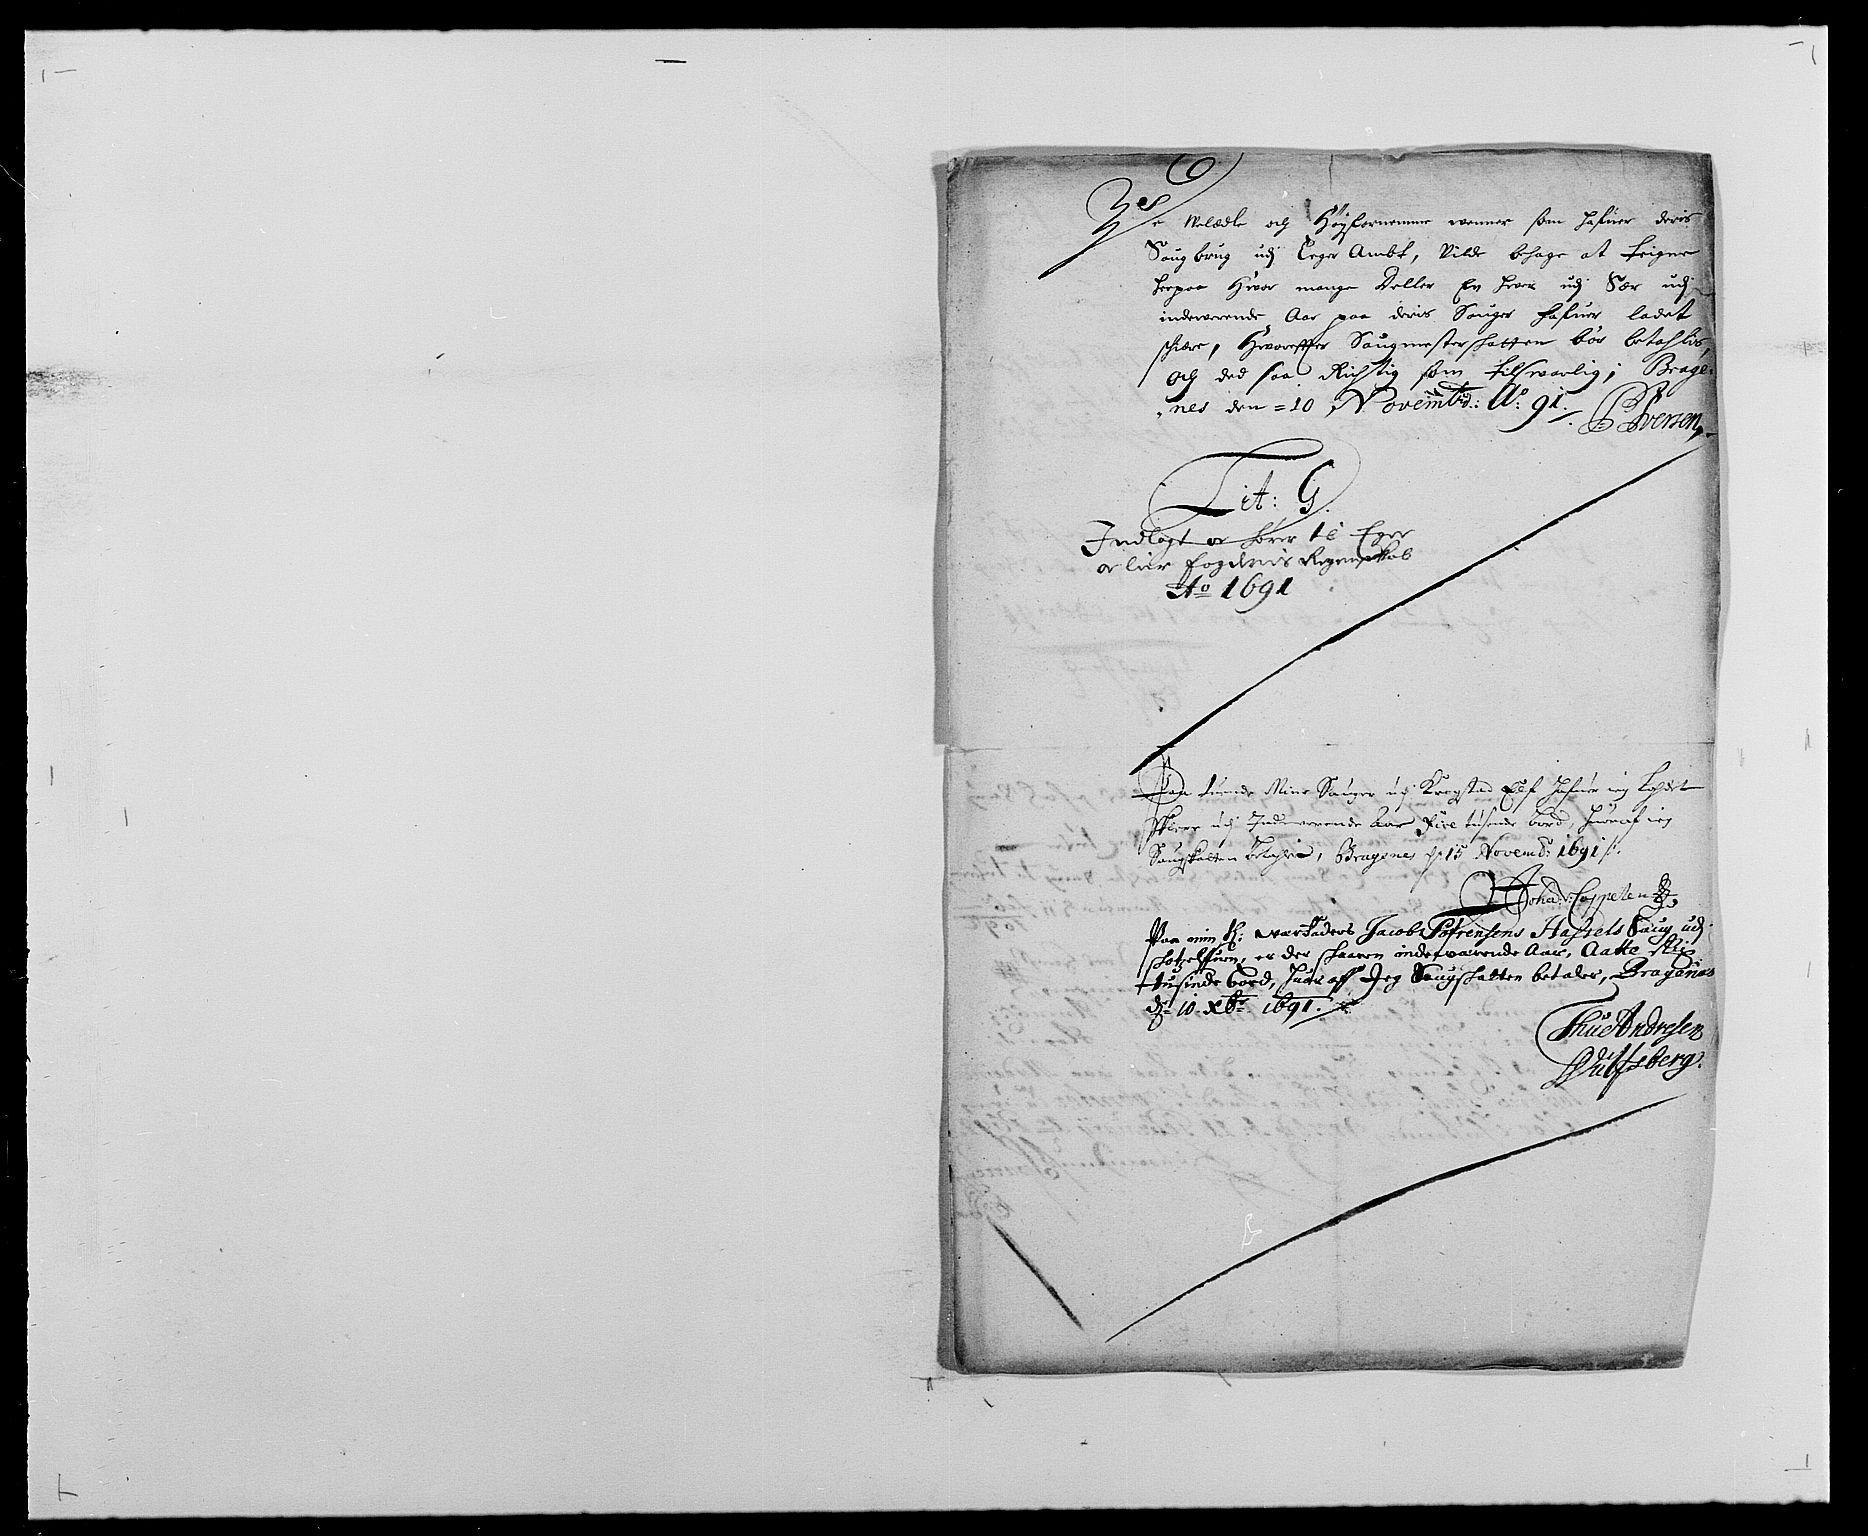 RA, Rentekammeret inntil 1814, Reviderte regnskaper, Fogderegnskap, R28/L1689: Fogderegnskap Eiker og Lier, 1690-1691, s. 289